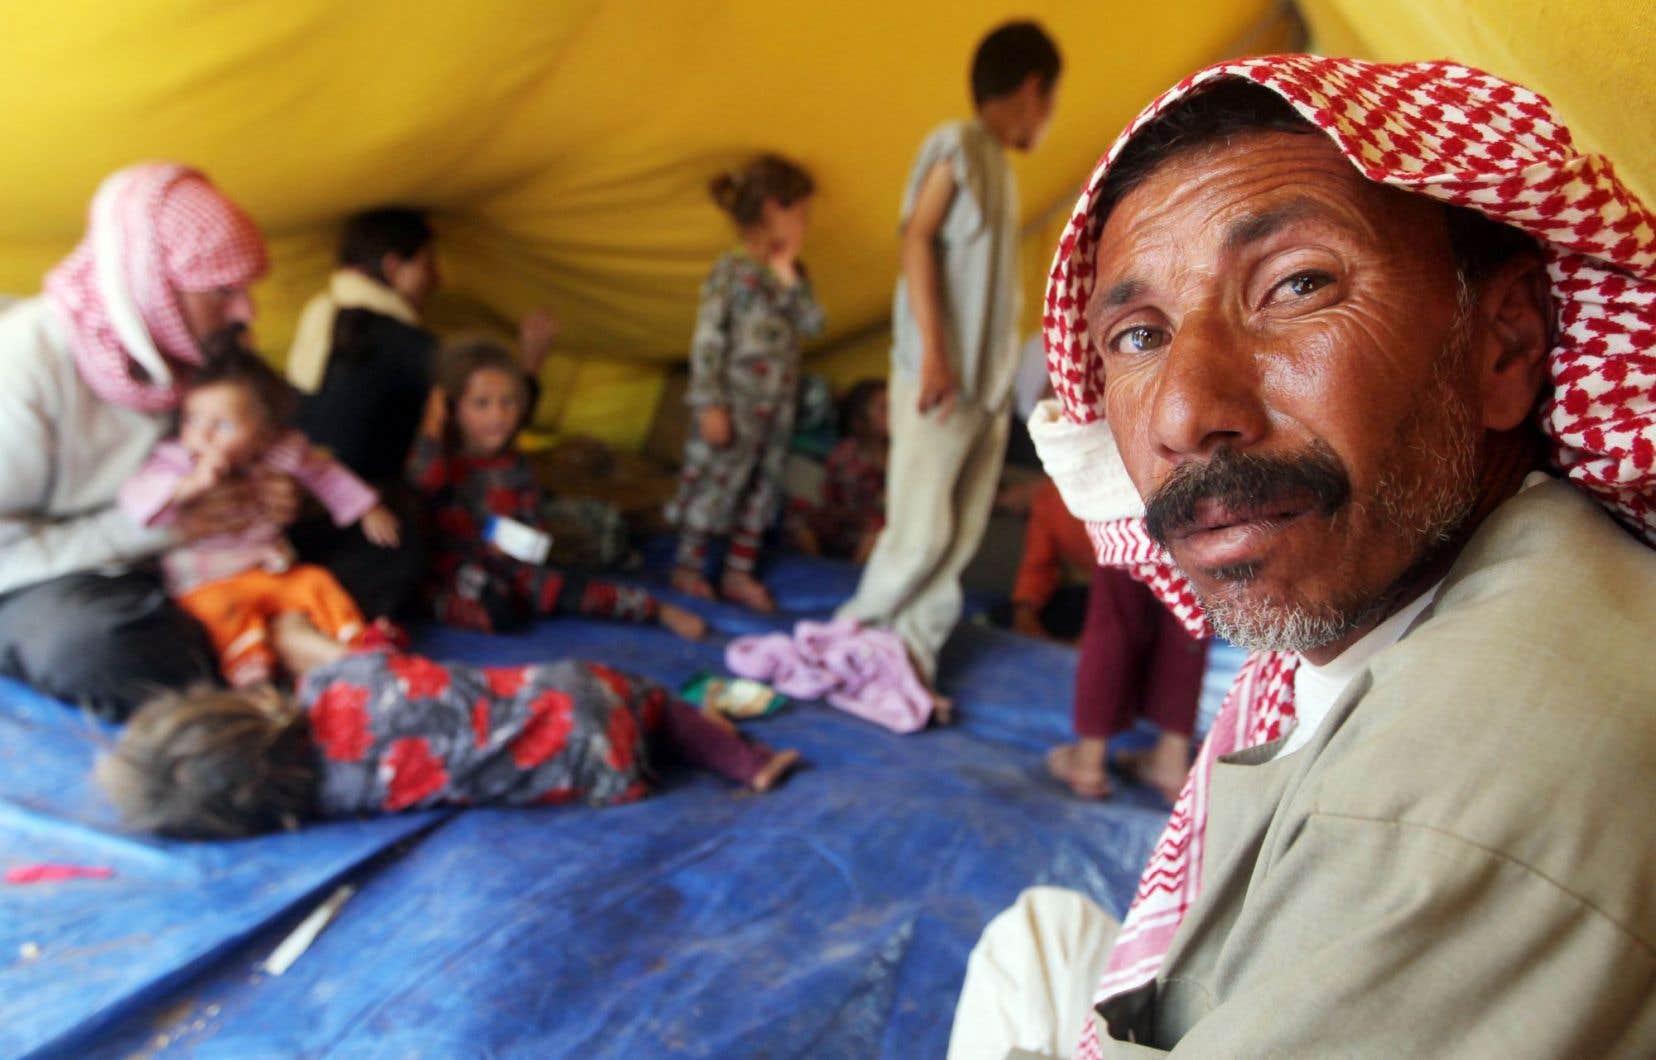 Des yézidis irakiens vivent dans le camp de réfugiés de Newroz, en Syrie, depuis que le groupe État islamique y a étendu ses tentacules.